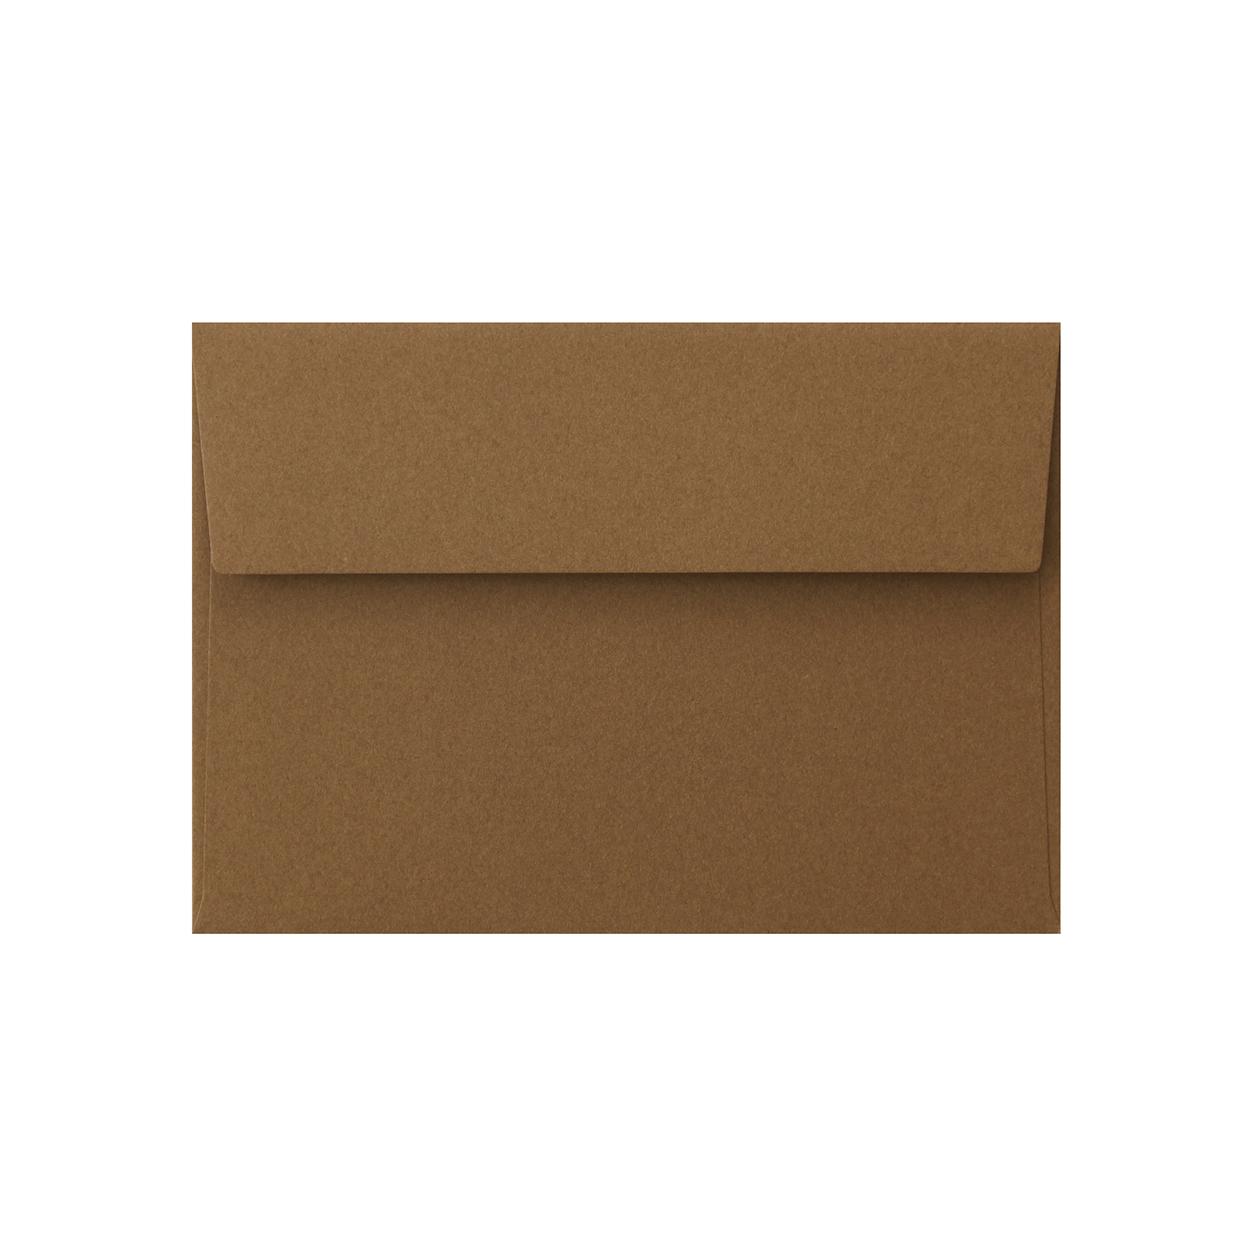 洋2カマス封筒 コットン(NTラシャ) セピア 116.3g